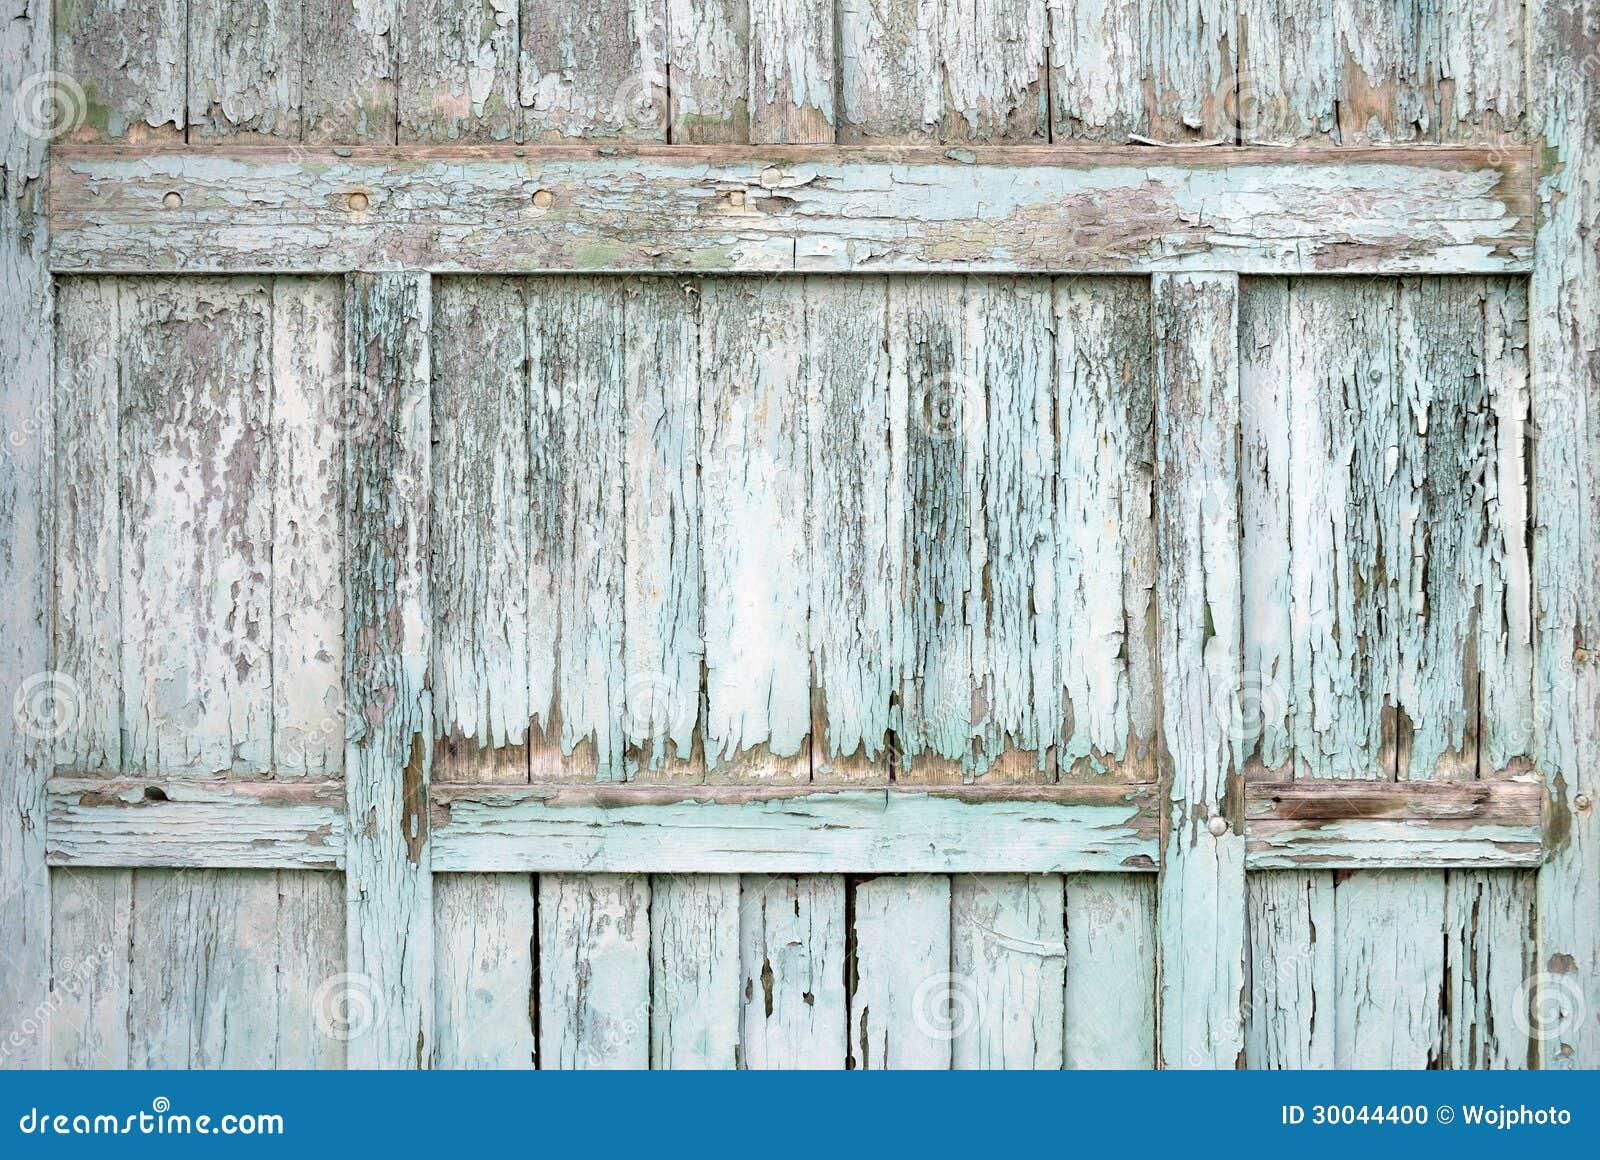 960 #81A12A Old Painted Wooden Door Paint  Peeling Wooden Old Door Texture Stock  save image Best Paint For Wooden Doors 44271300